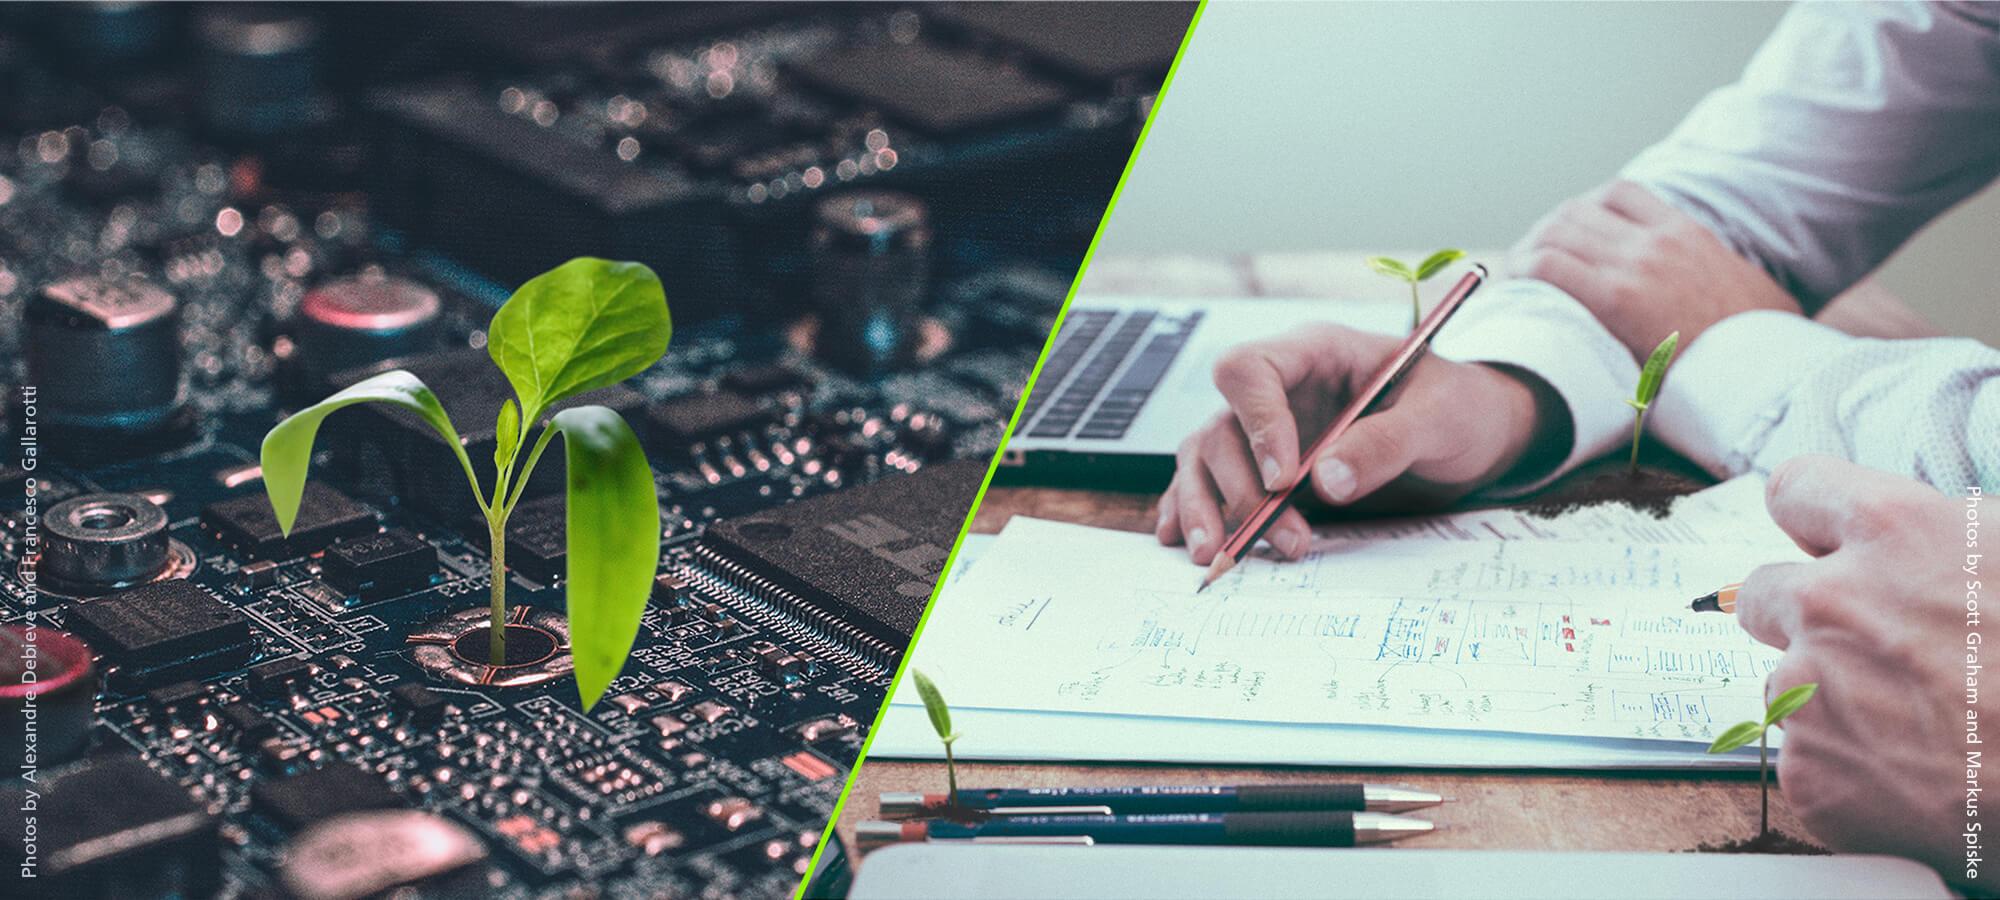 IT Nachhaltigkeit Beratungsunternehmen